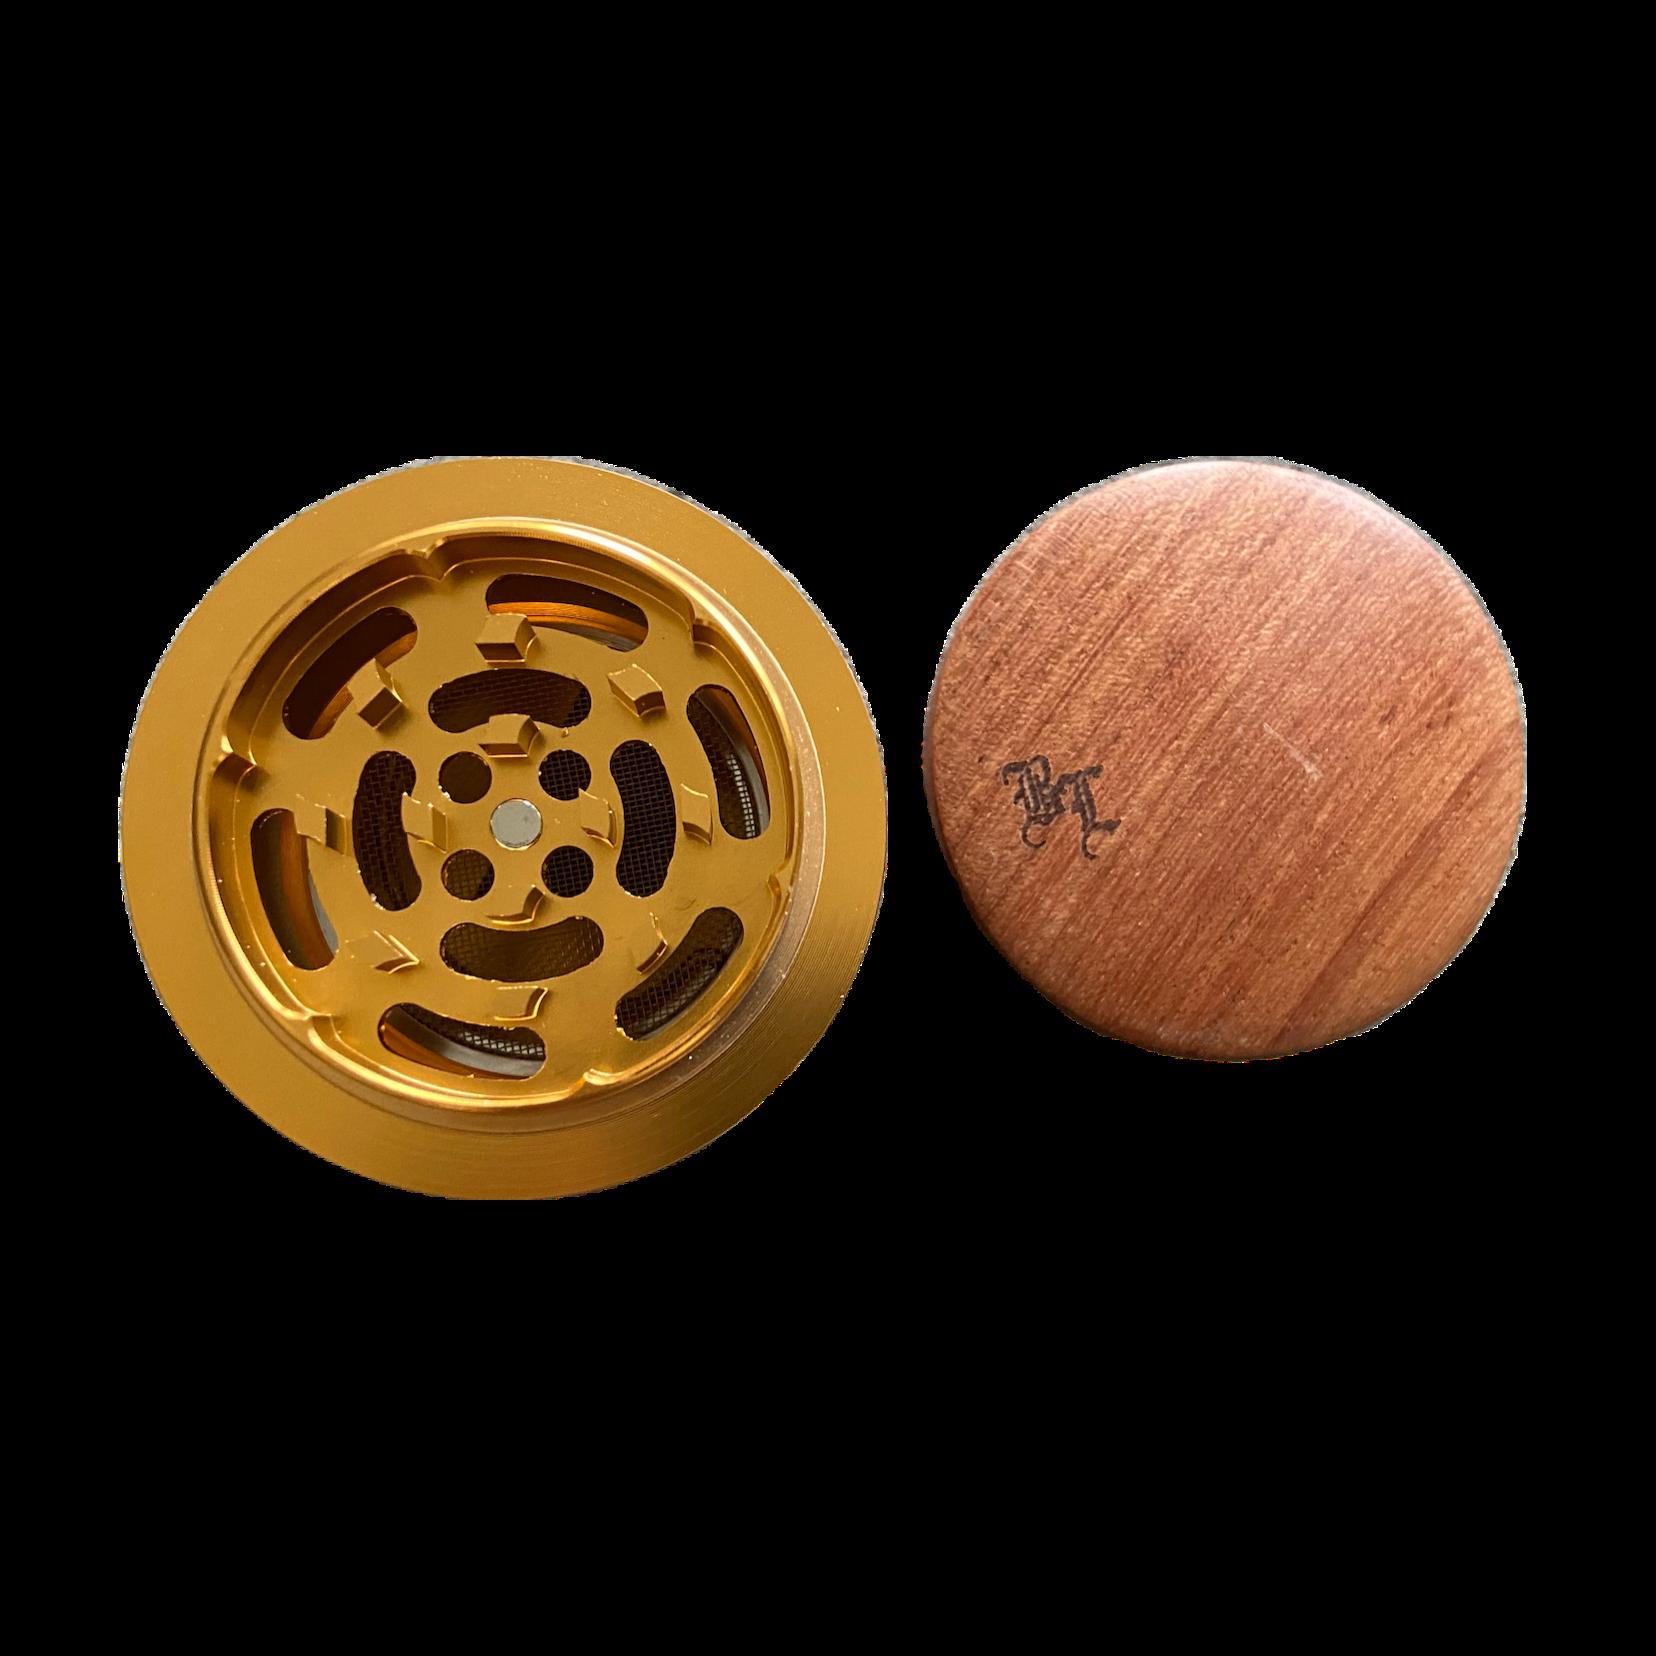 Alu//Holz Grinder in Geschenkbox - Ø 60mm 4-tlg 6 Muster Black Leaf